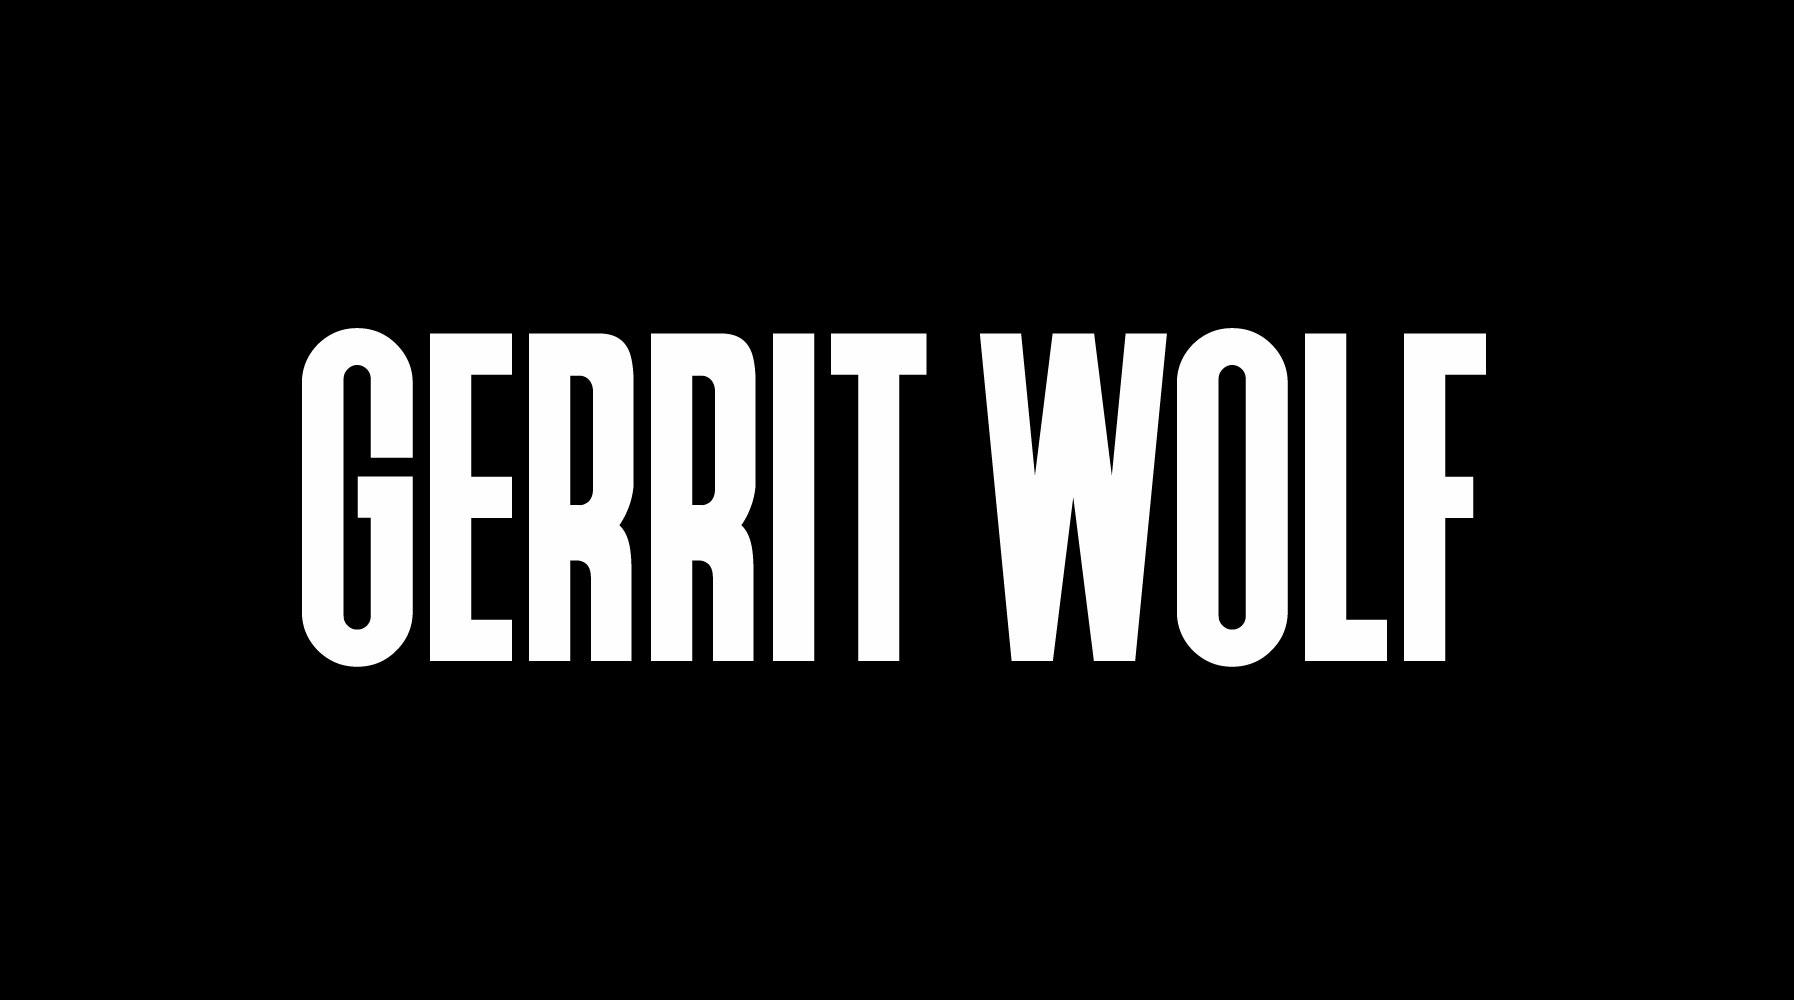 Gerrit Wolf